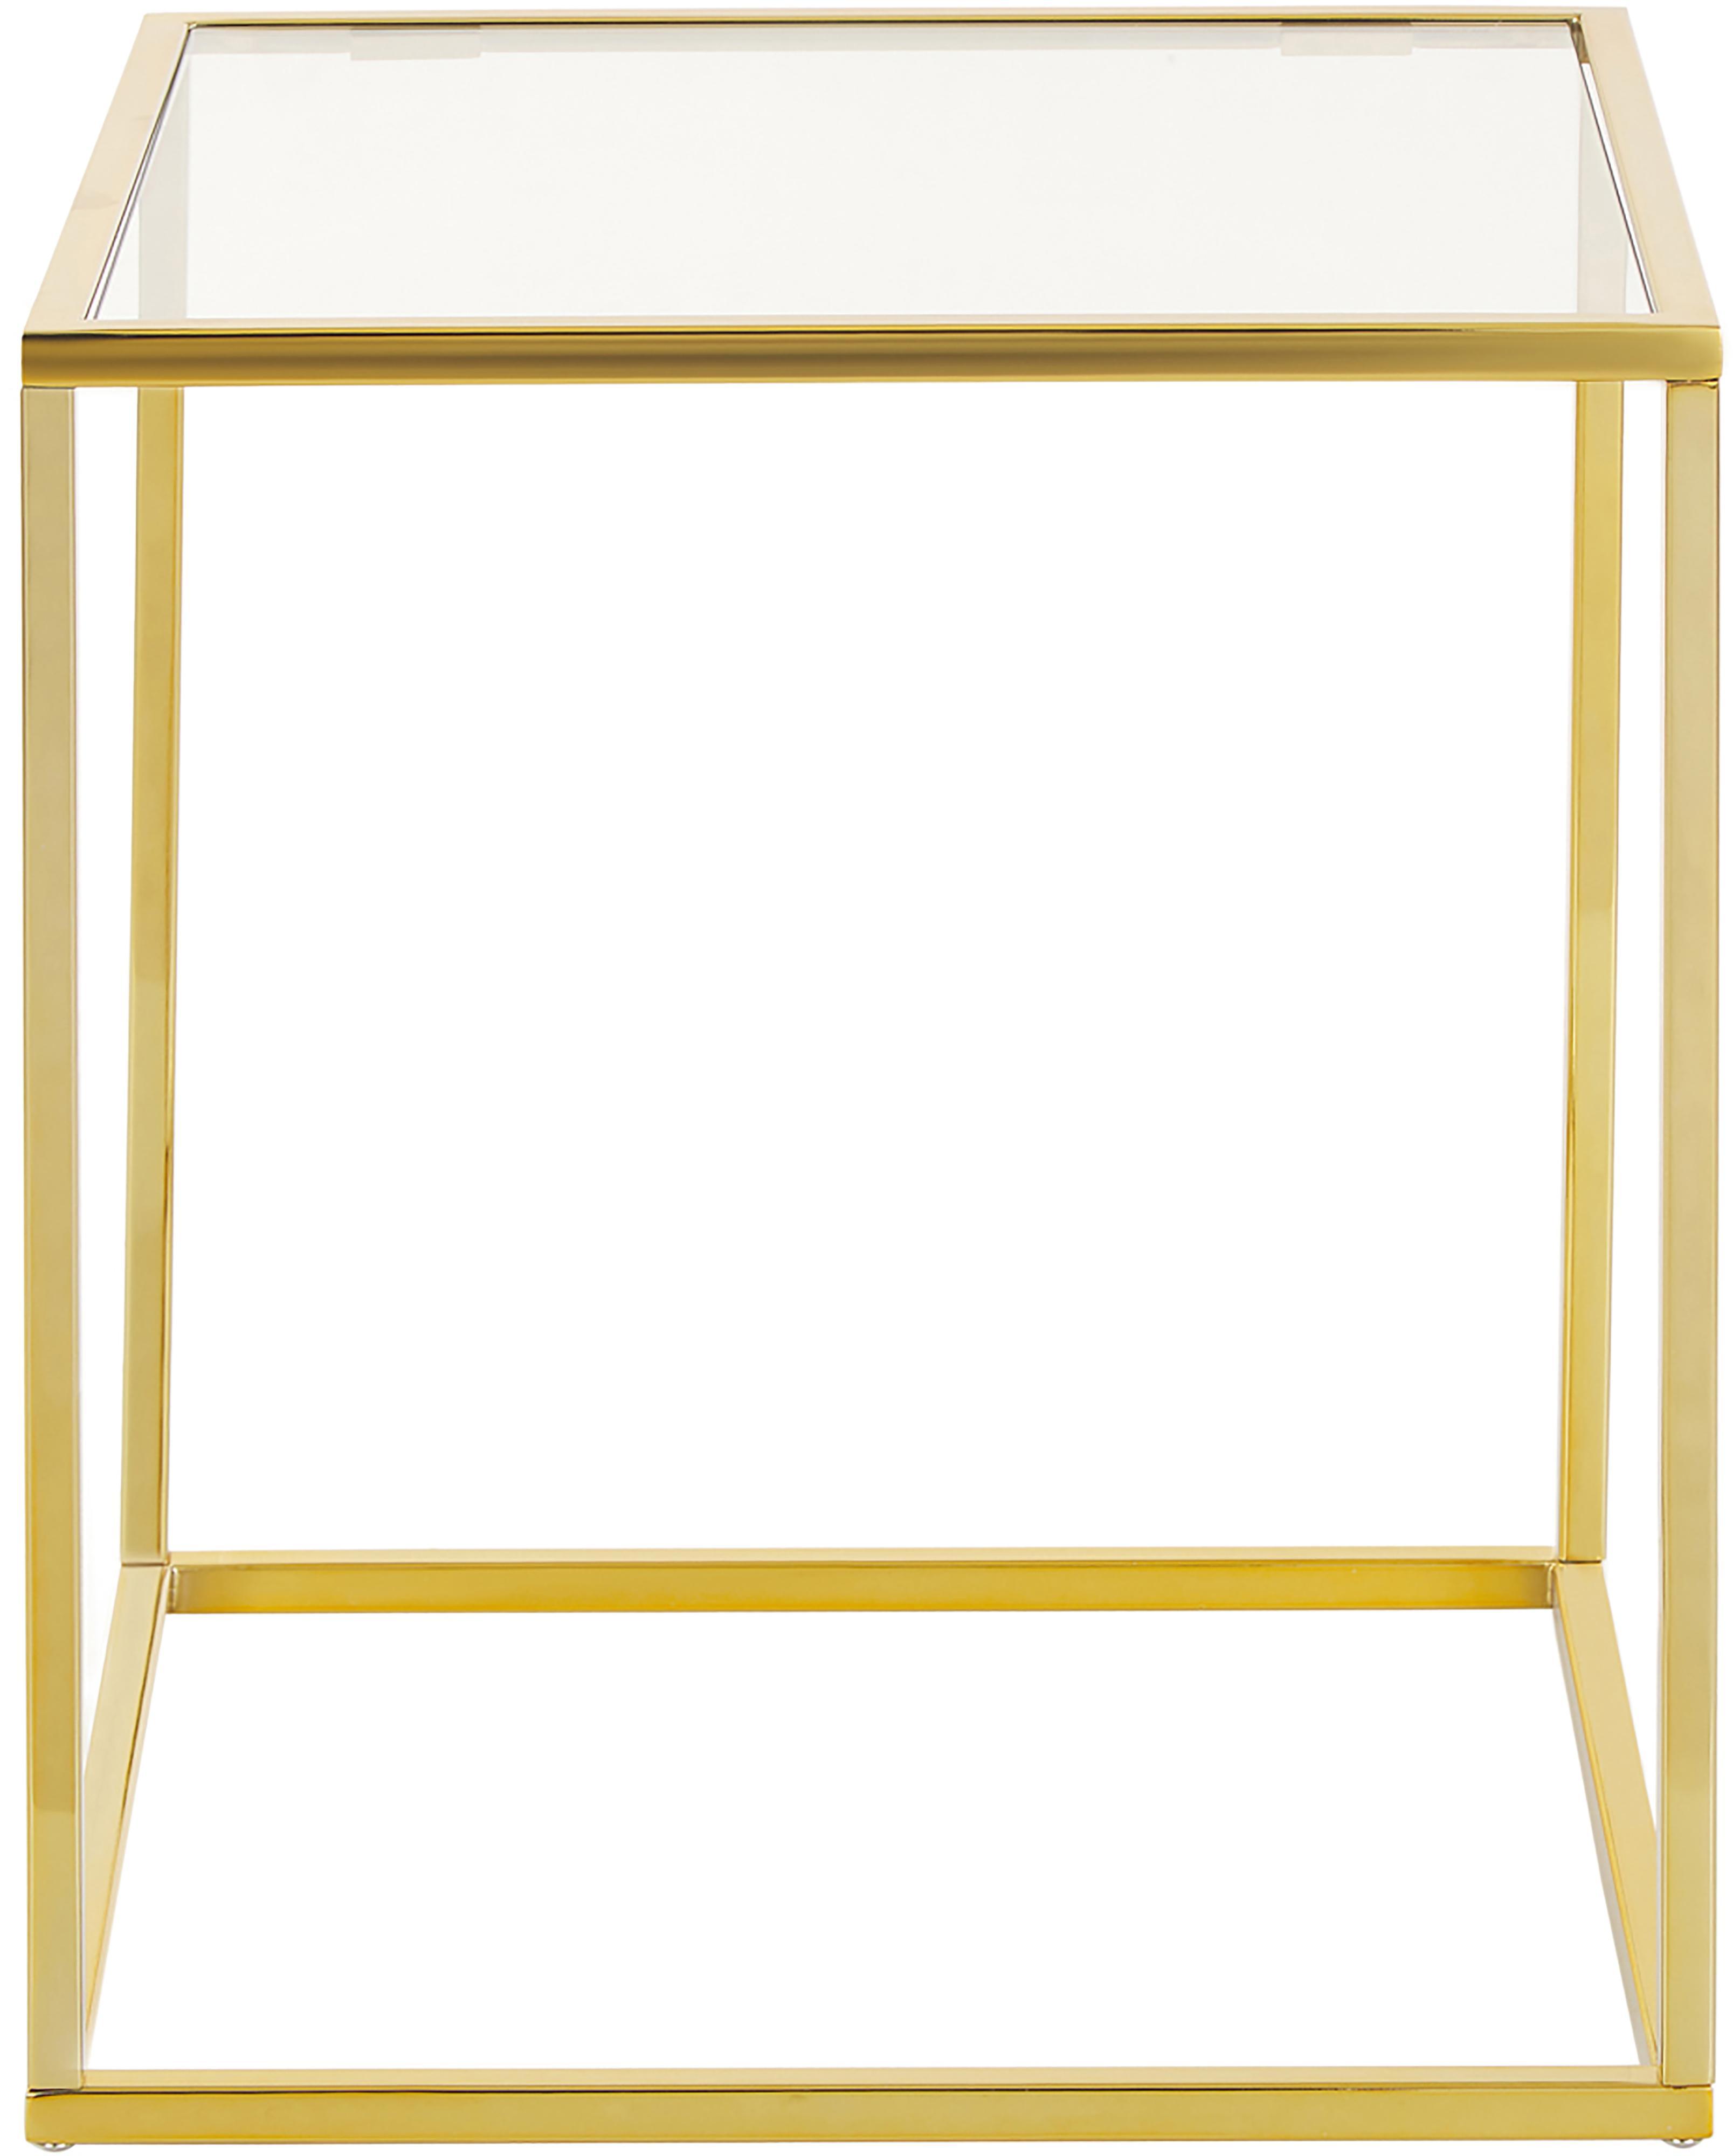 Beistelltisch Maya mit Glasplatte, Tischplatte: Sicherheitsglas, Gestell: Metall, galvanisiert, Tischplatte: Glas, transparentGestell: Goldfarben, glänzend, 45 x 50 cm